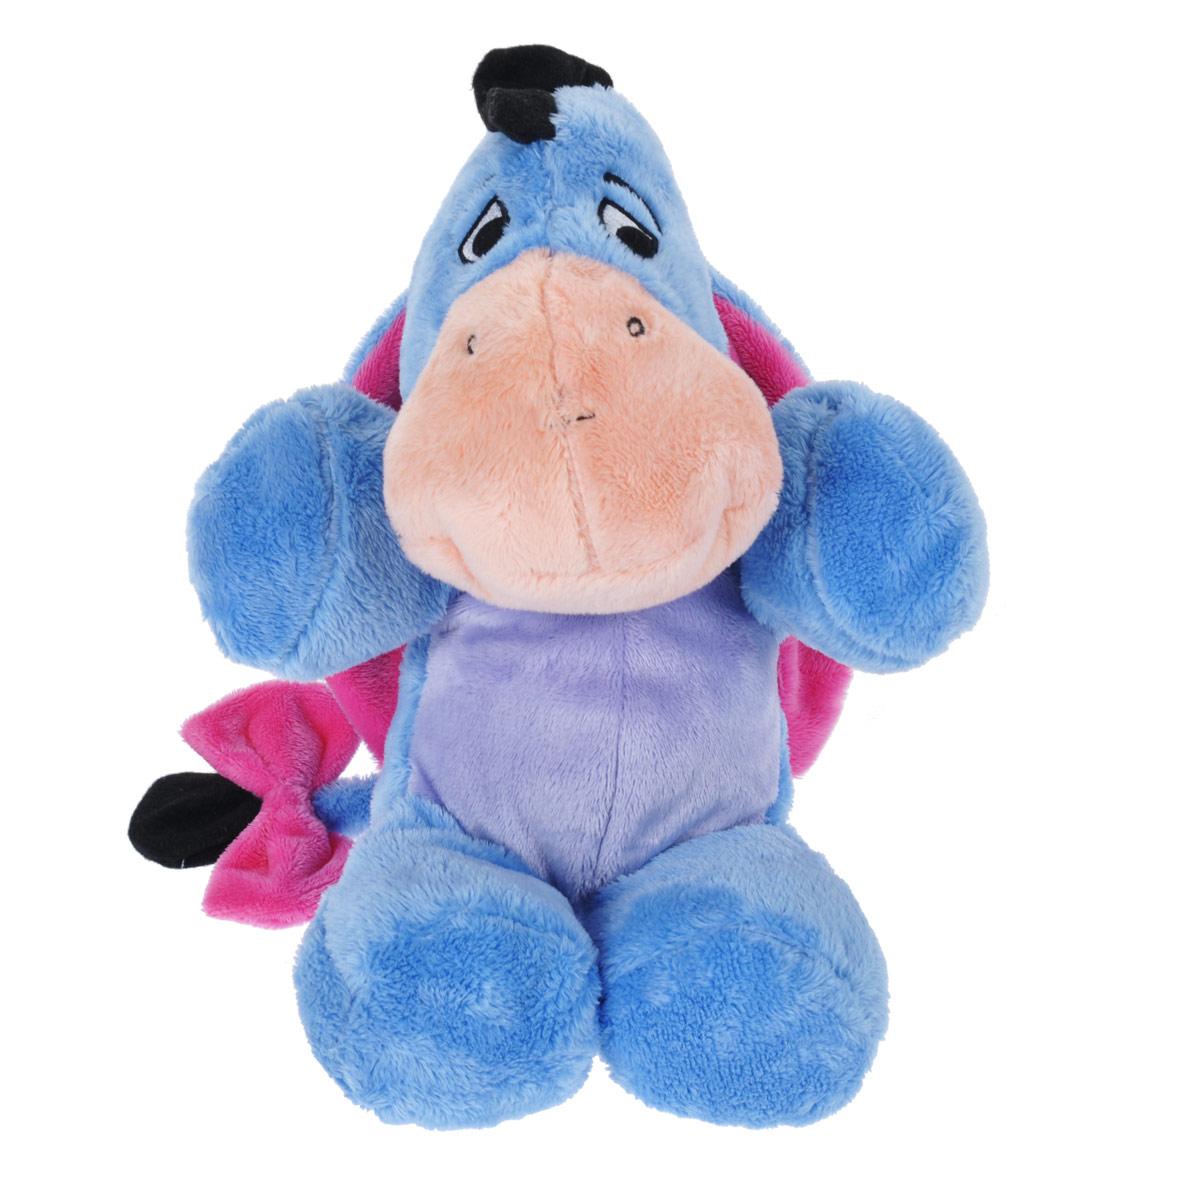 Мягкая игрушка Disney Ушастик, цвет: голубой, 25 см1100817Мягкая игрушка Disney Ушастик станет любимой игрушкой вашего ребенка. Она выполнена в виде ослика Ушастика - героя популярного диснеевского мультсериала о приключениях Винни-Пуха и его друзей. Игрушка удивительно приятна на ощупь. Она изготовлена из мягкого текстильного материала голубого цвета, глазки вышиты нитками. Чудесная мягкая игрушка принесет радость и подарит своему обладателю мгновения нежных объятий и приятных воспоминаний. Компания Disney предъявляет большие требования к качеству продукции: все плюшевые герои соответствуют своим мультяшным прототипам, а самое главное - производятся в соответствии с мировыми стандартами качества и соответствуют российским требованиям безопасности.